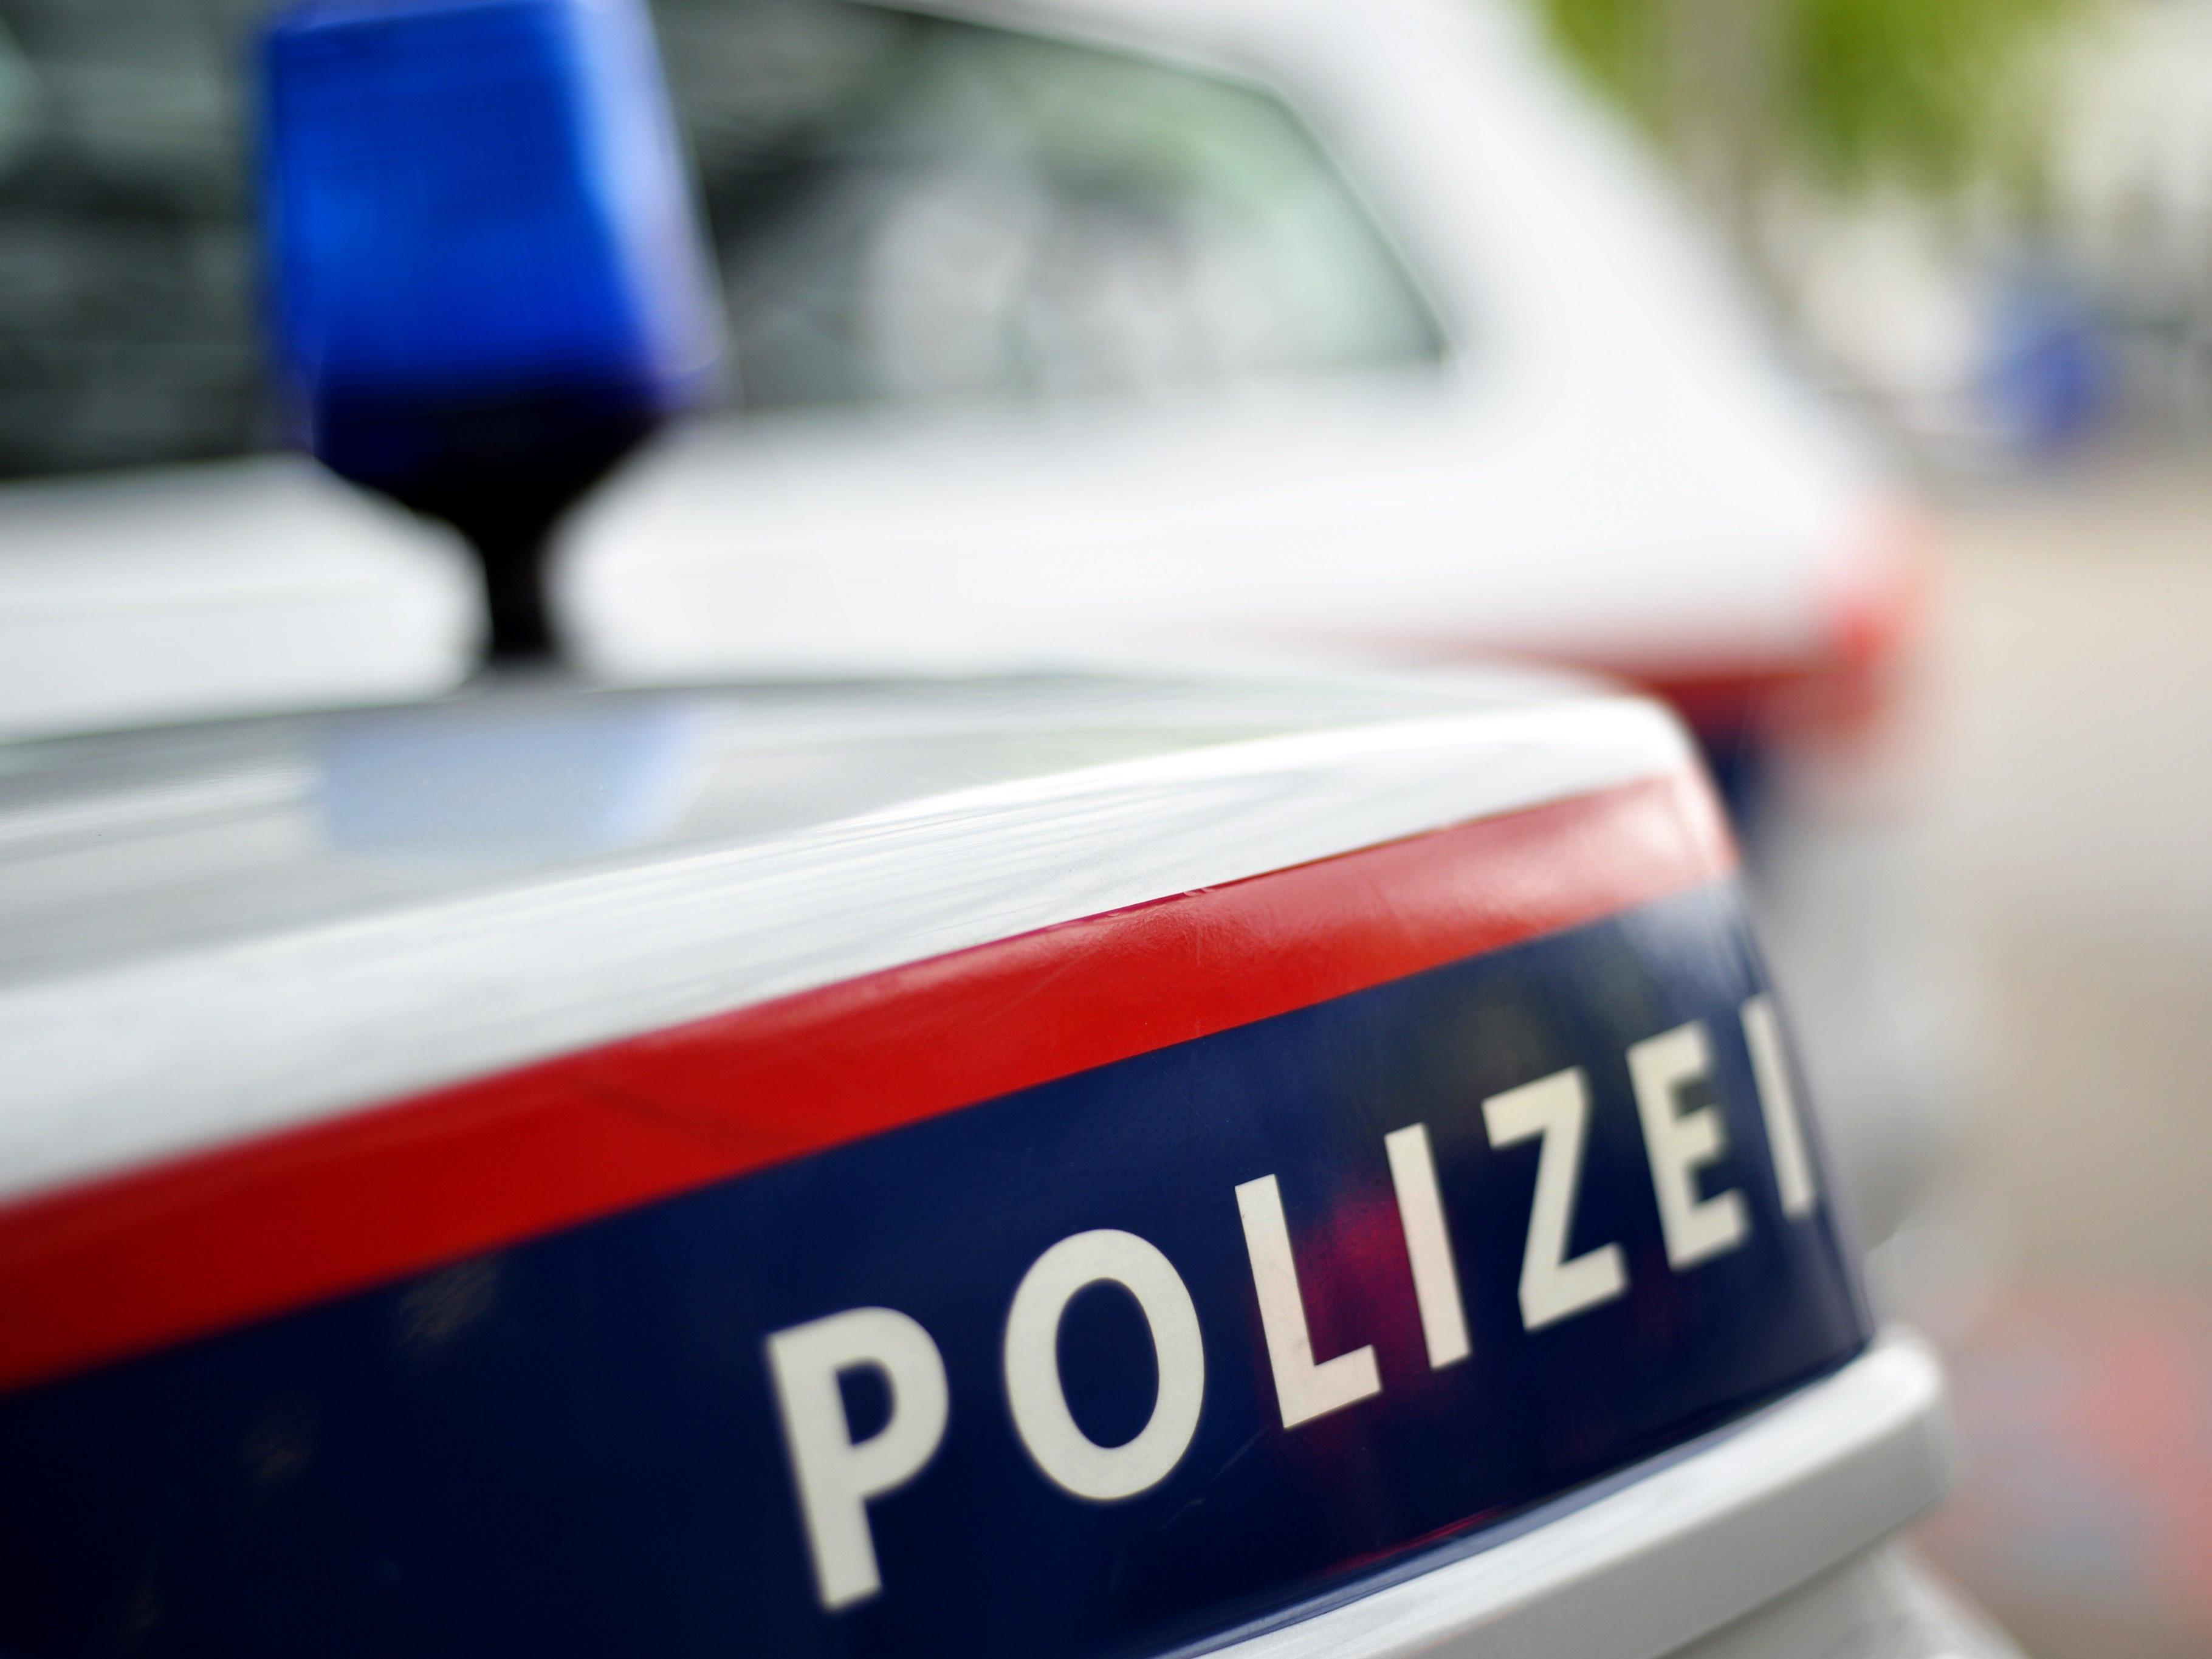 Ein 15-jähriger Österreicher verhinderte einen Amoklauf an einer deutschen Schule, teilte die Polizei mit.